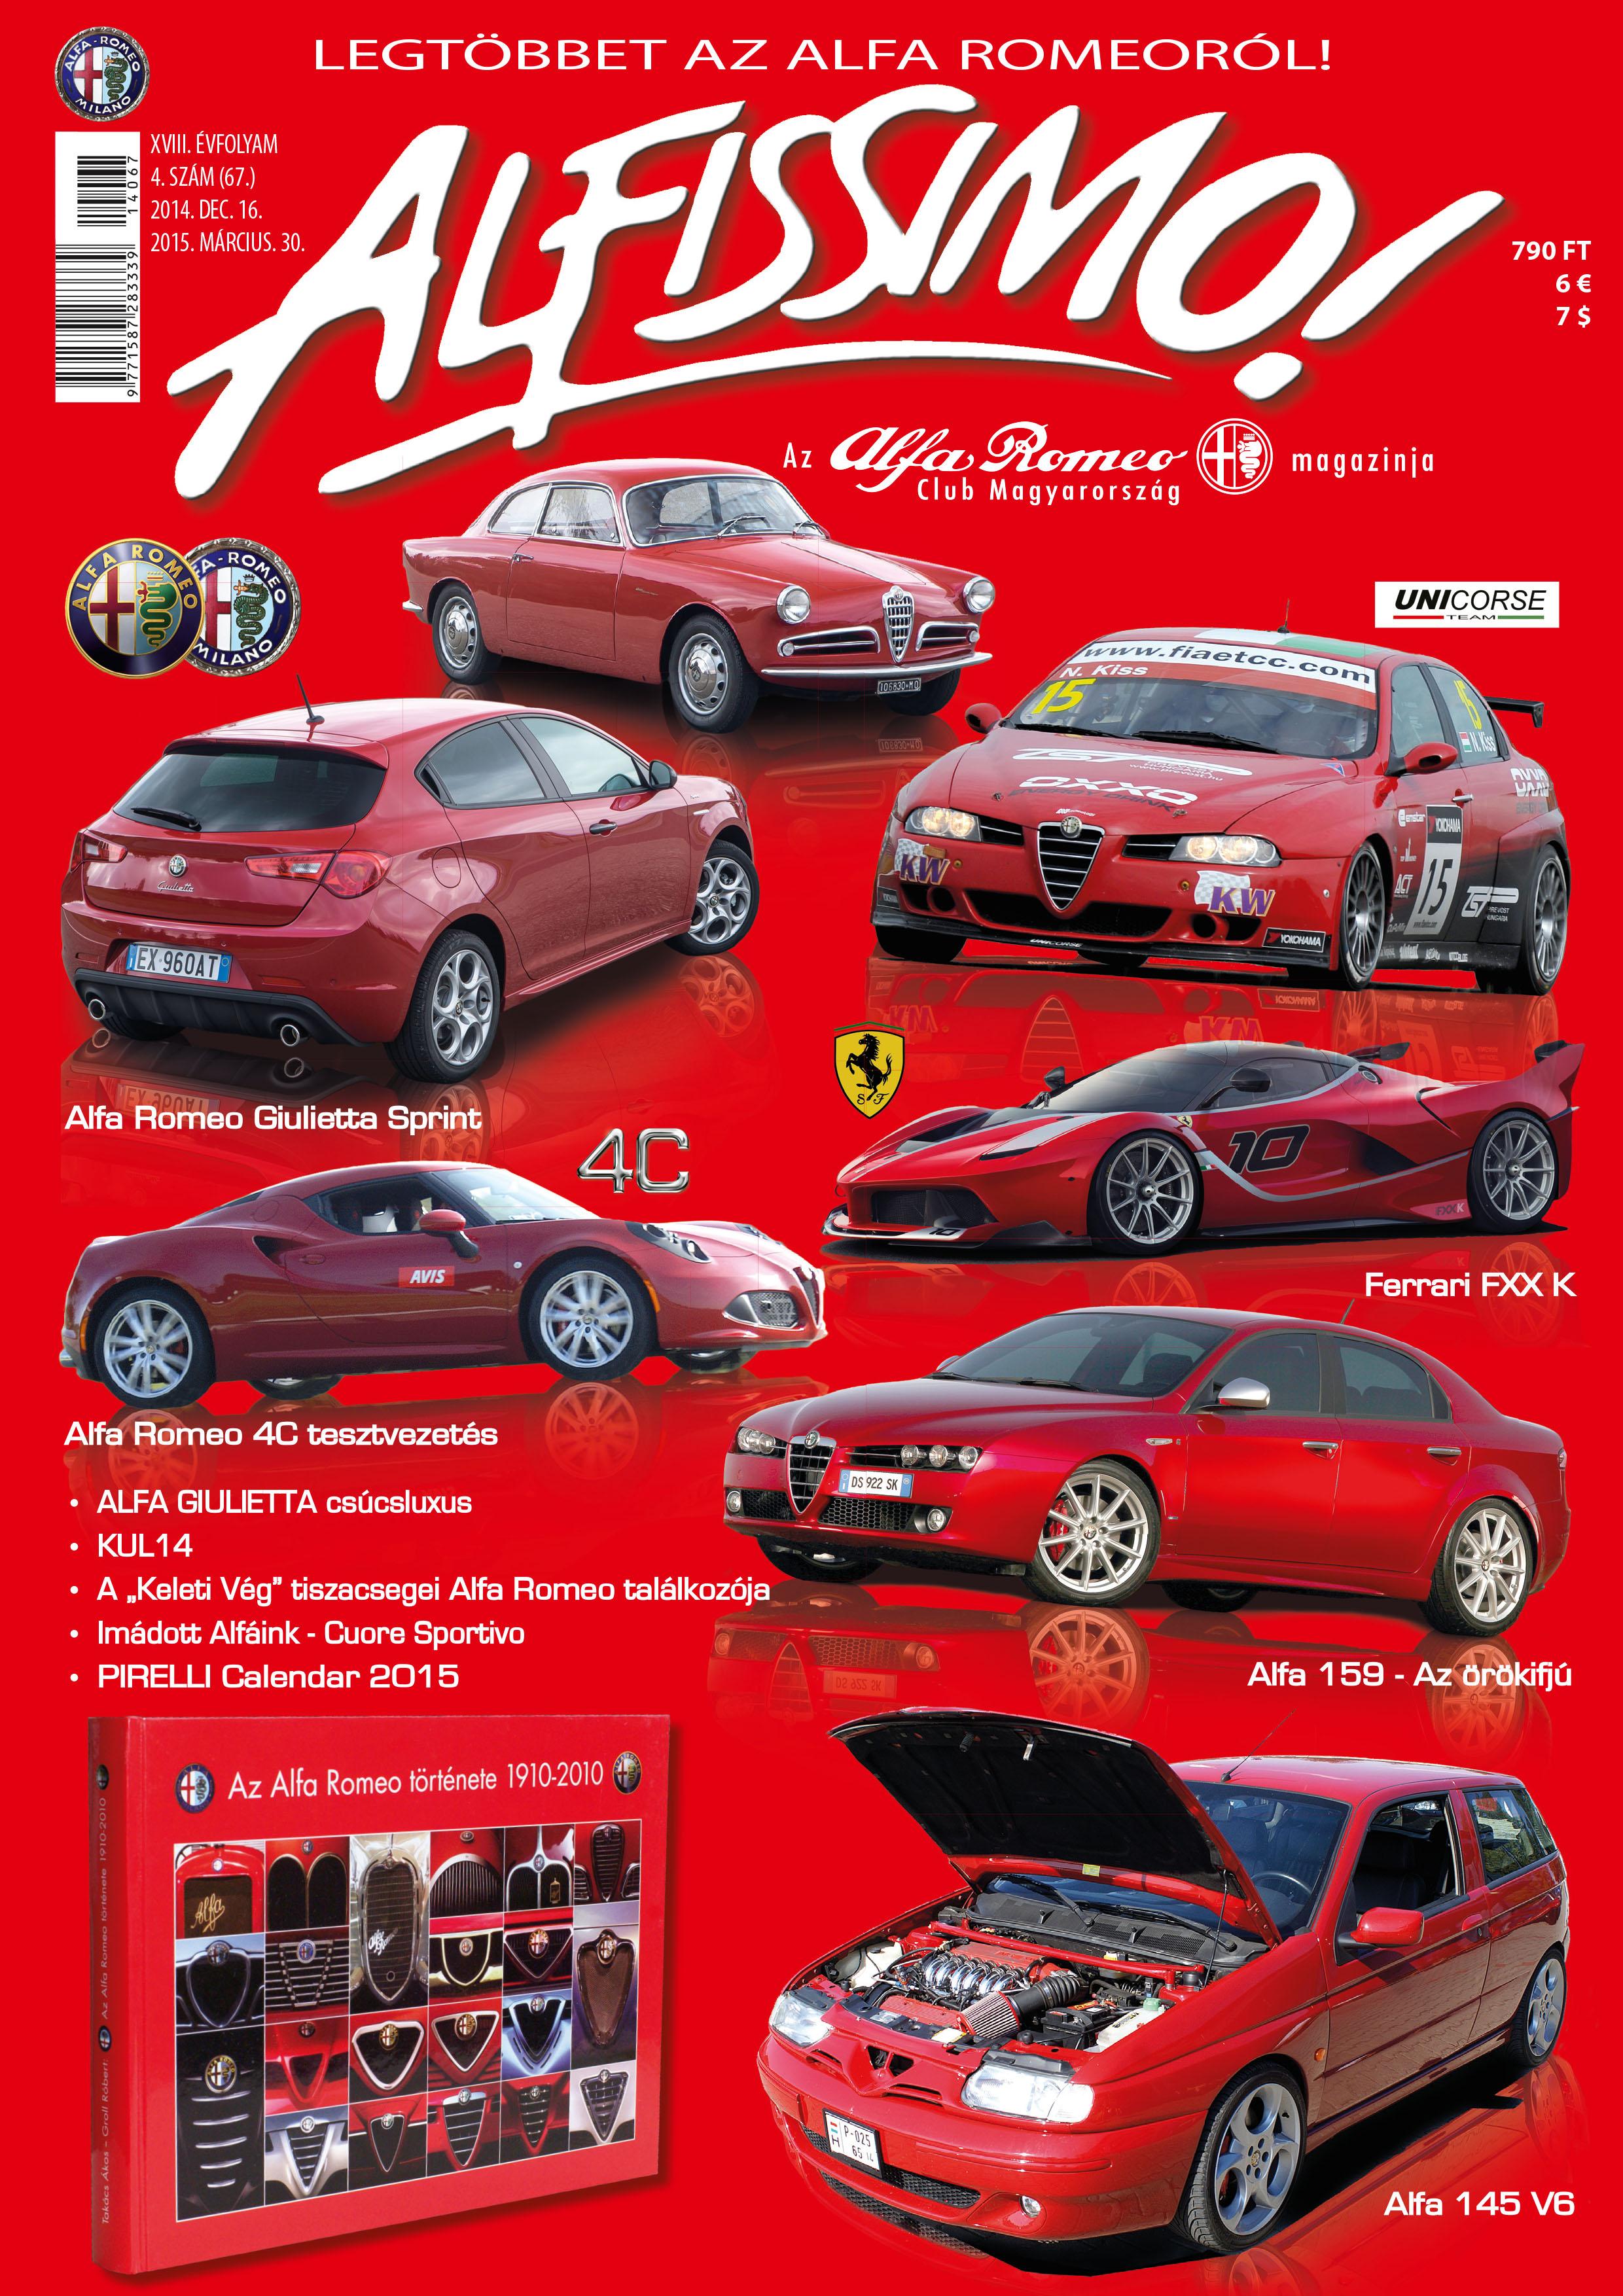 59788d53ef Alfa 159 - Az örökifjú. Ferrari FXX K Alfa 145 V6 Alfás kiegészítők.  Pirelli Calendar 2015. KUL 2014. Ferrari F1 Jeep Renegade bemutató.  Modellezés